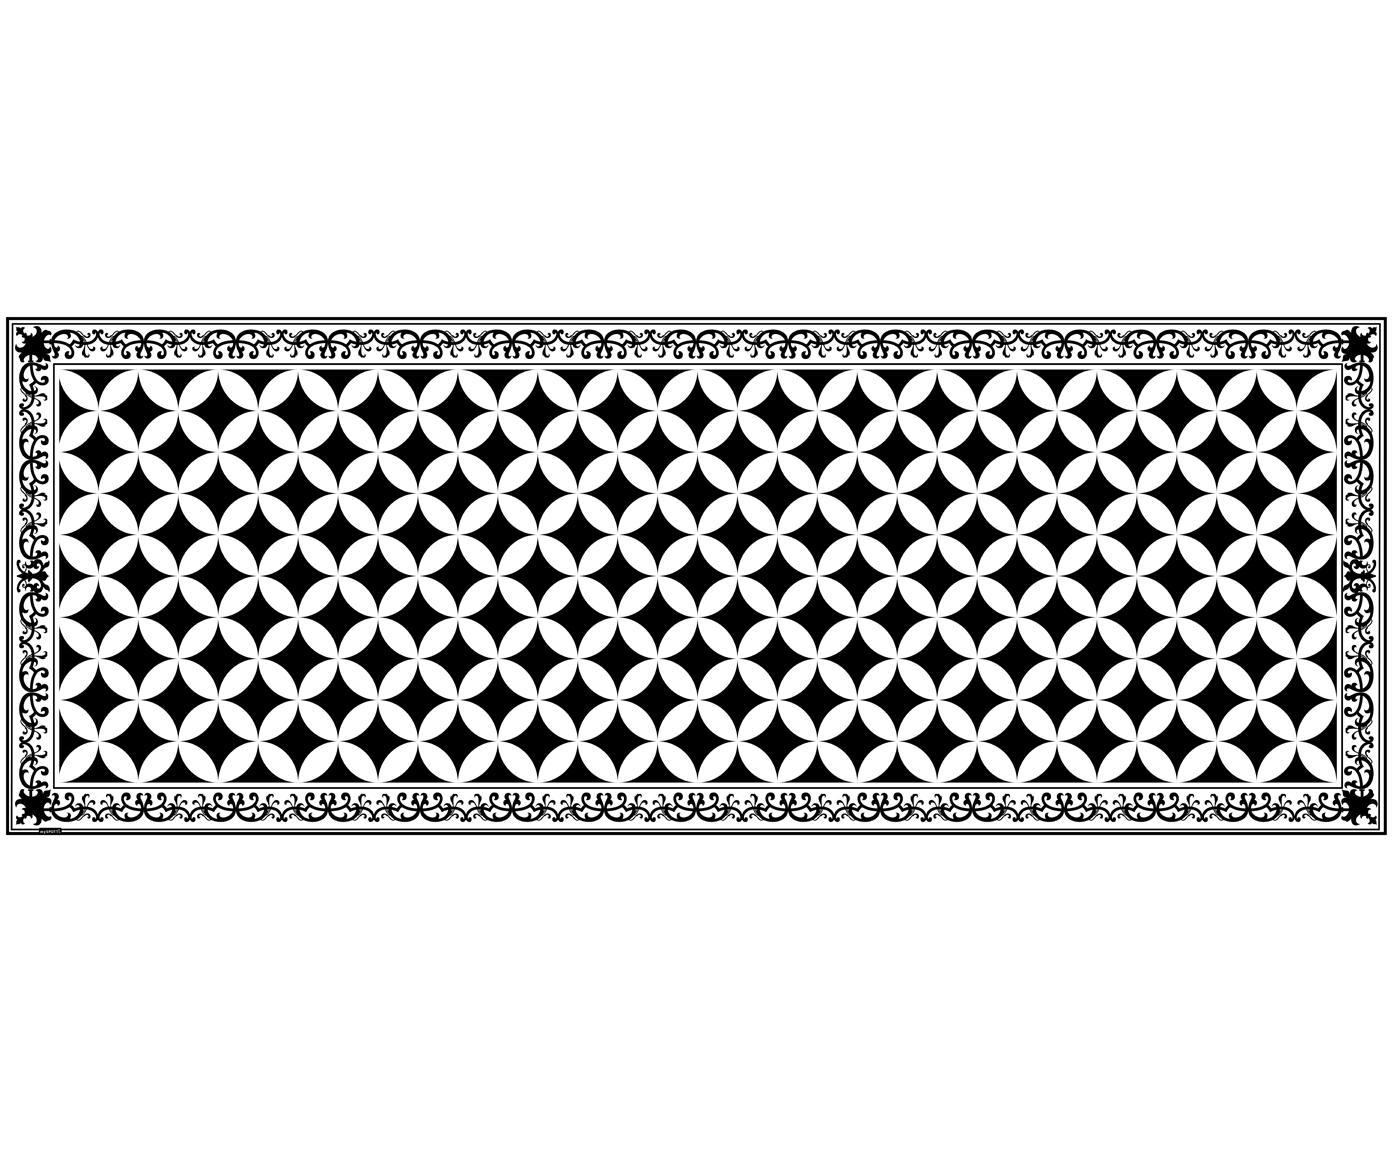 Passatoia in vinile riciclabile Chadi, Vinile riciclabile, Nero, bianco, Larg. 68 x Lung. 180 cm